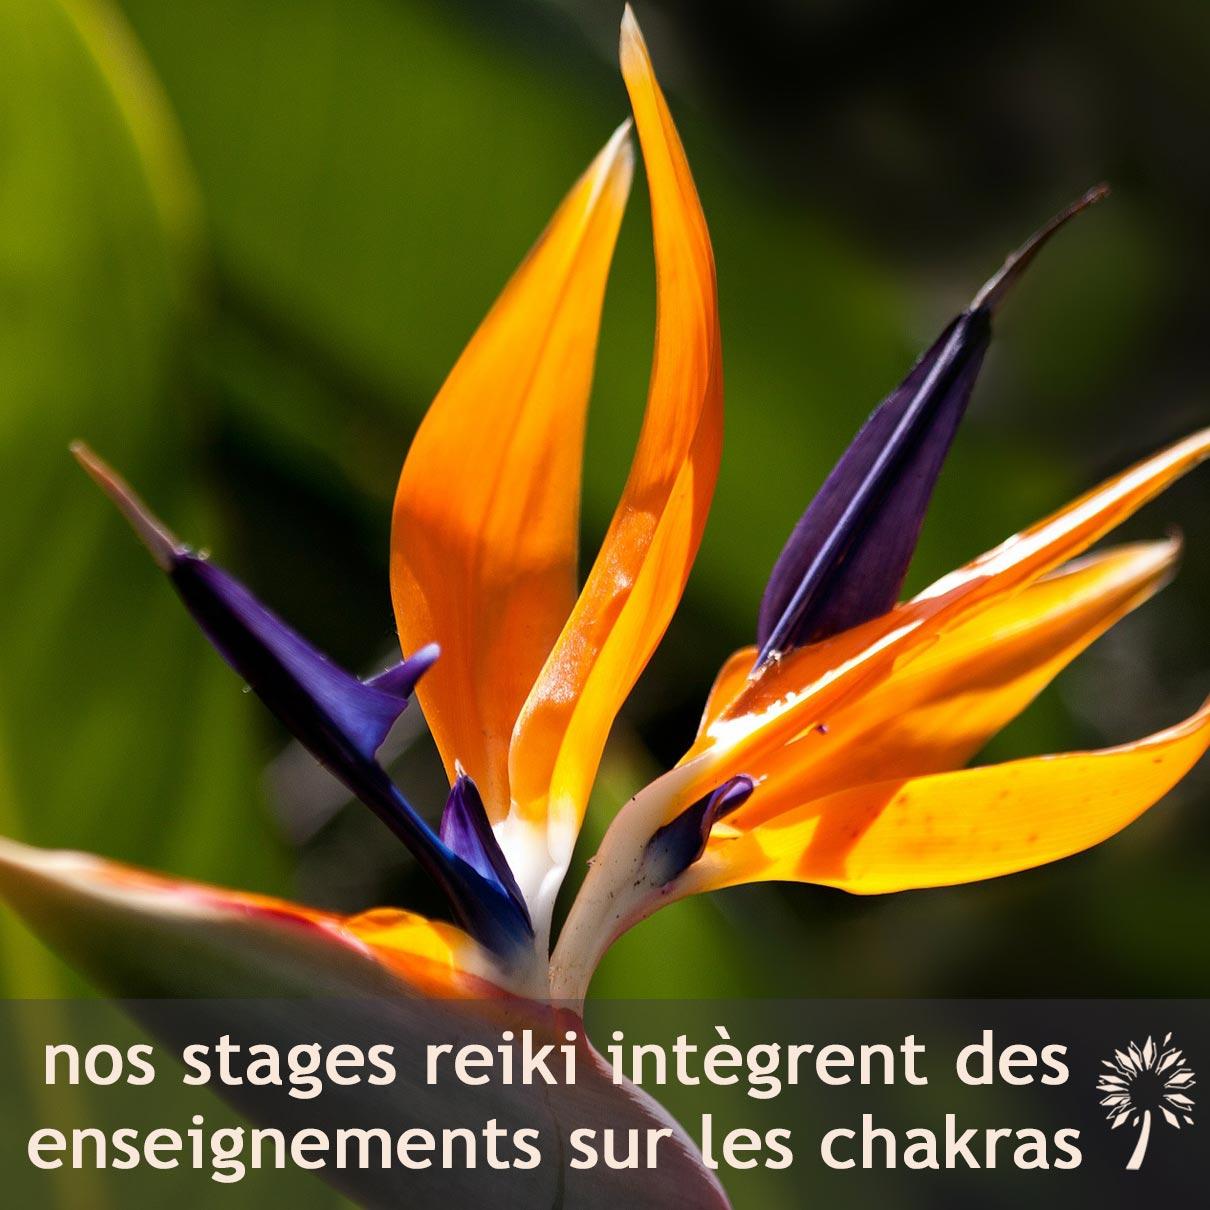 Nos formations de 1er et 3e degré de Reiki Usui intègrent des enseignements sur les chakras